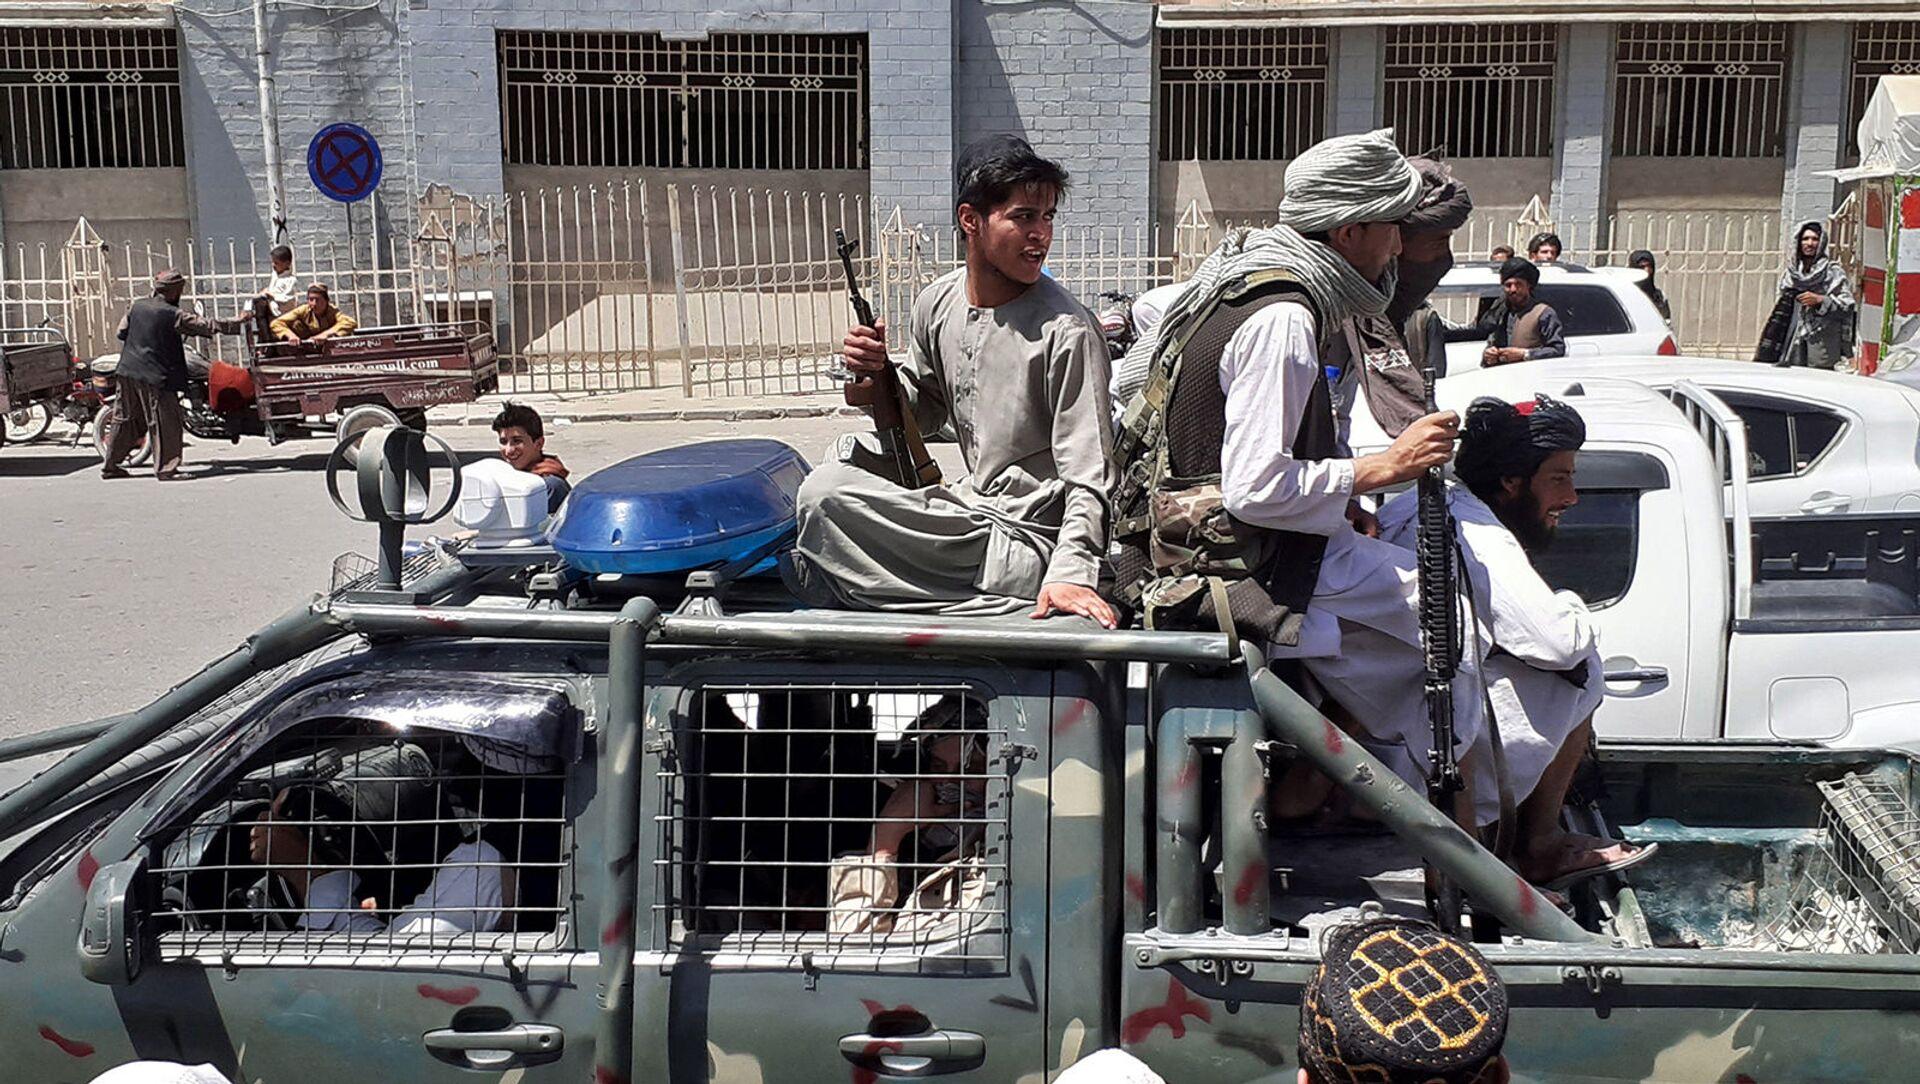 Боевики Талибана в автомобиле Управления безопасности Афганистана (NDS) на улице в Кандагаре (13 августа 2021). Афганистан - Sputnik Արմենիա, 1920, 15.08.2021